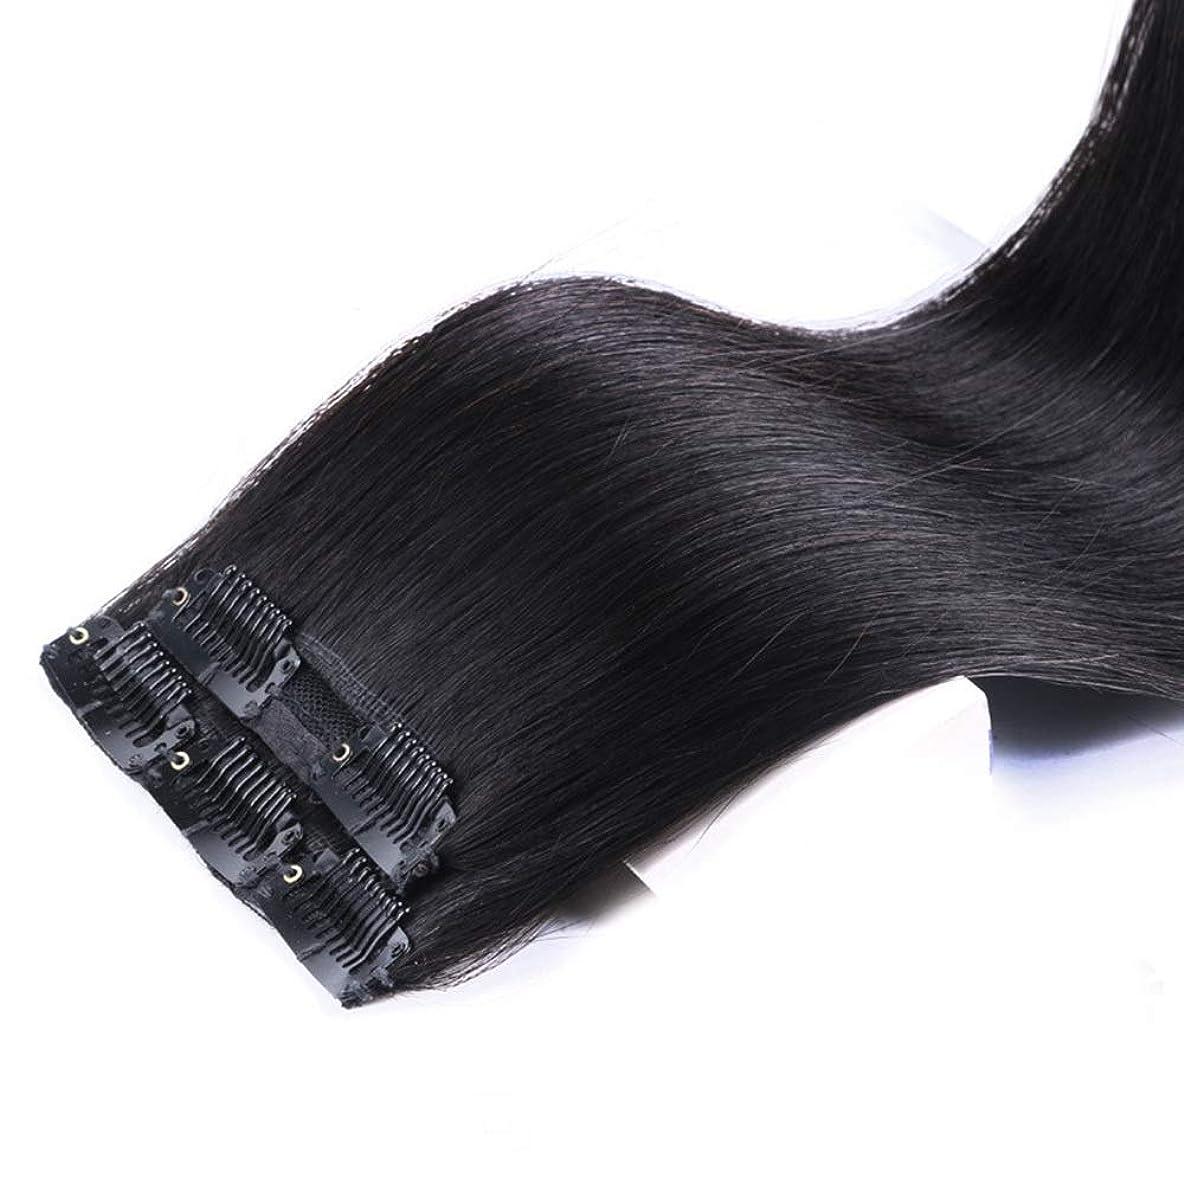 パブオーバーランビリーYrattary 女性の長いストレートヘアクリップヘアエクステンションワンピースシームレスな目に見えないかつらパーティーウィッグ (Color : [3 clip] 40cm dark brown)